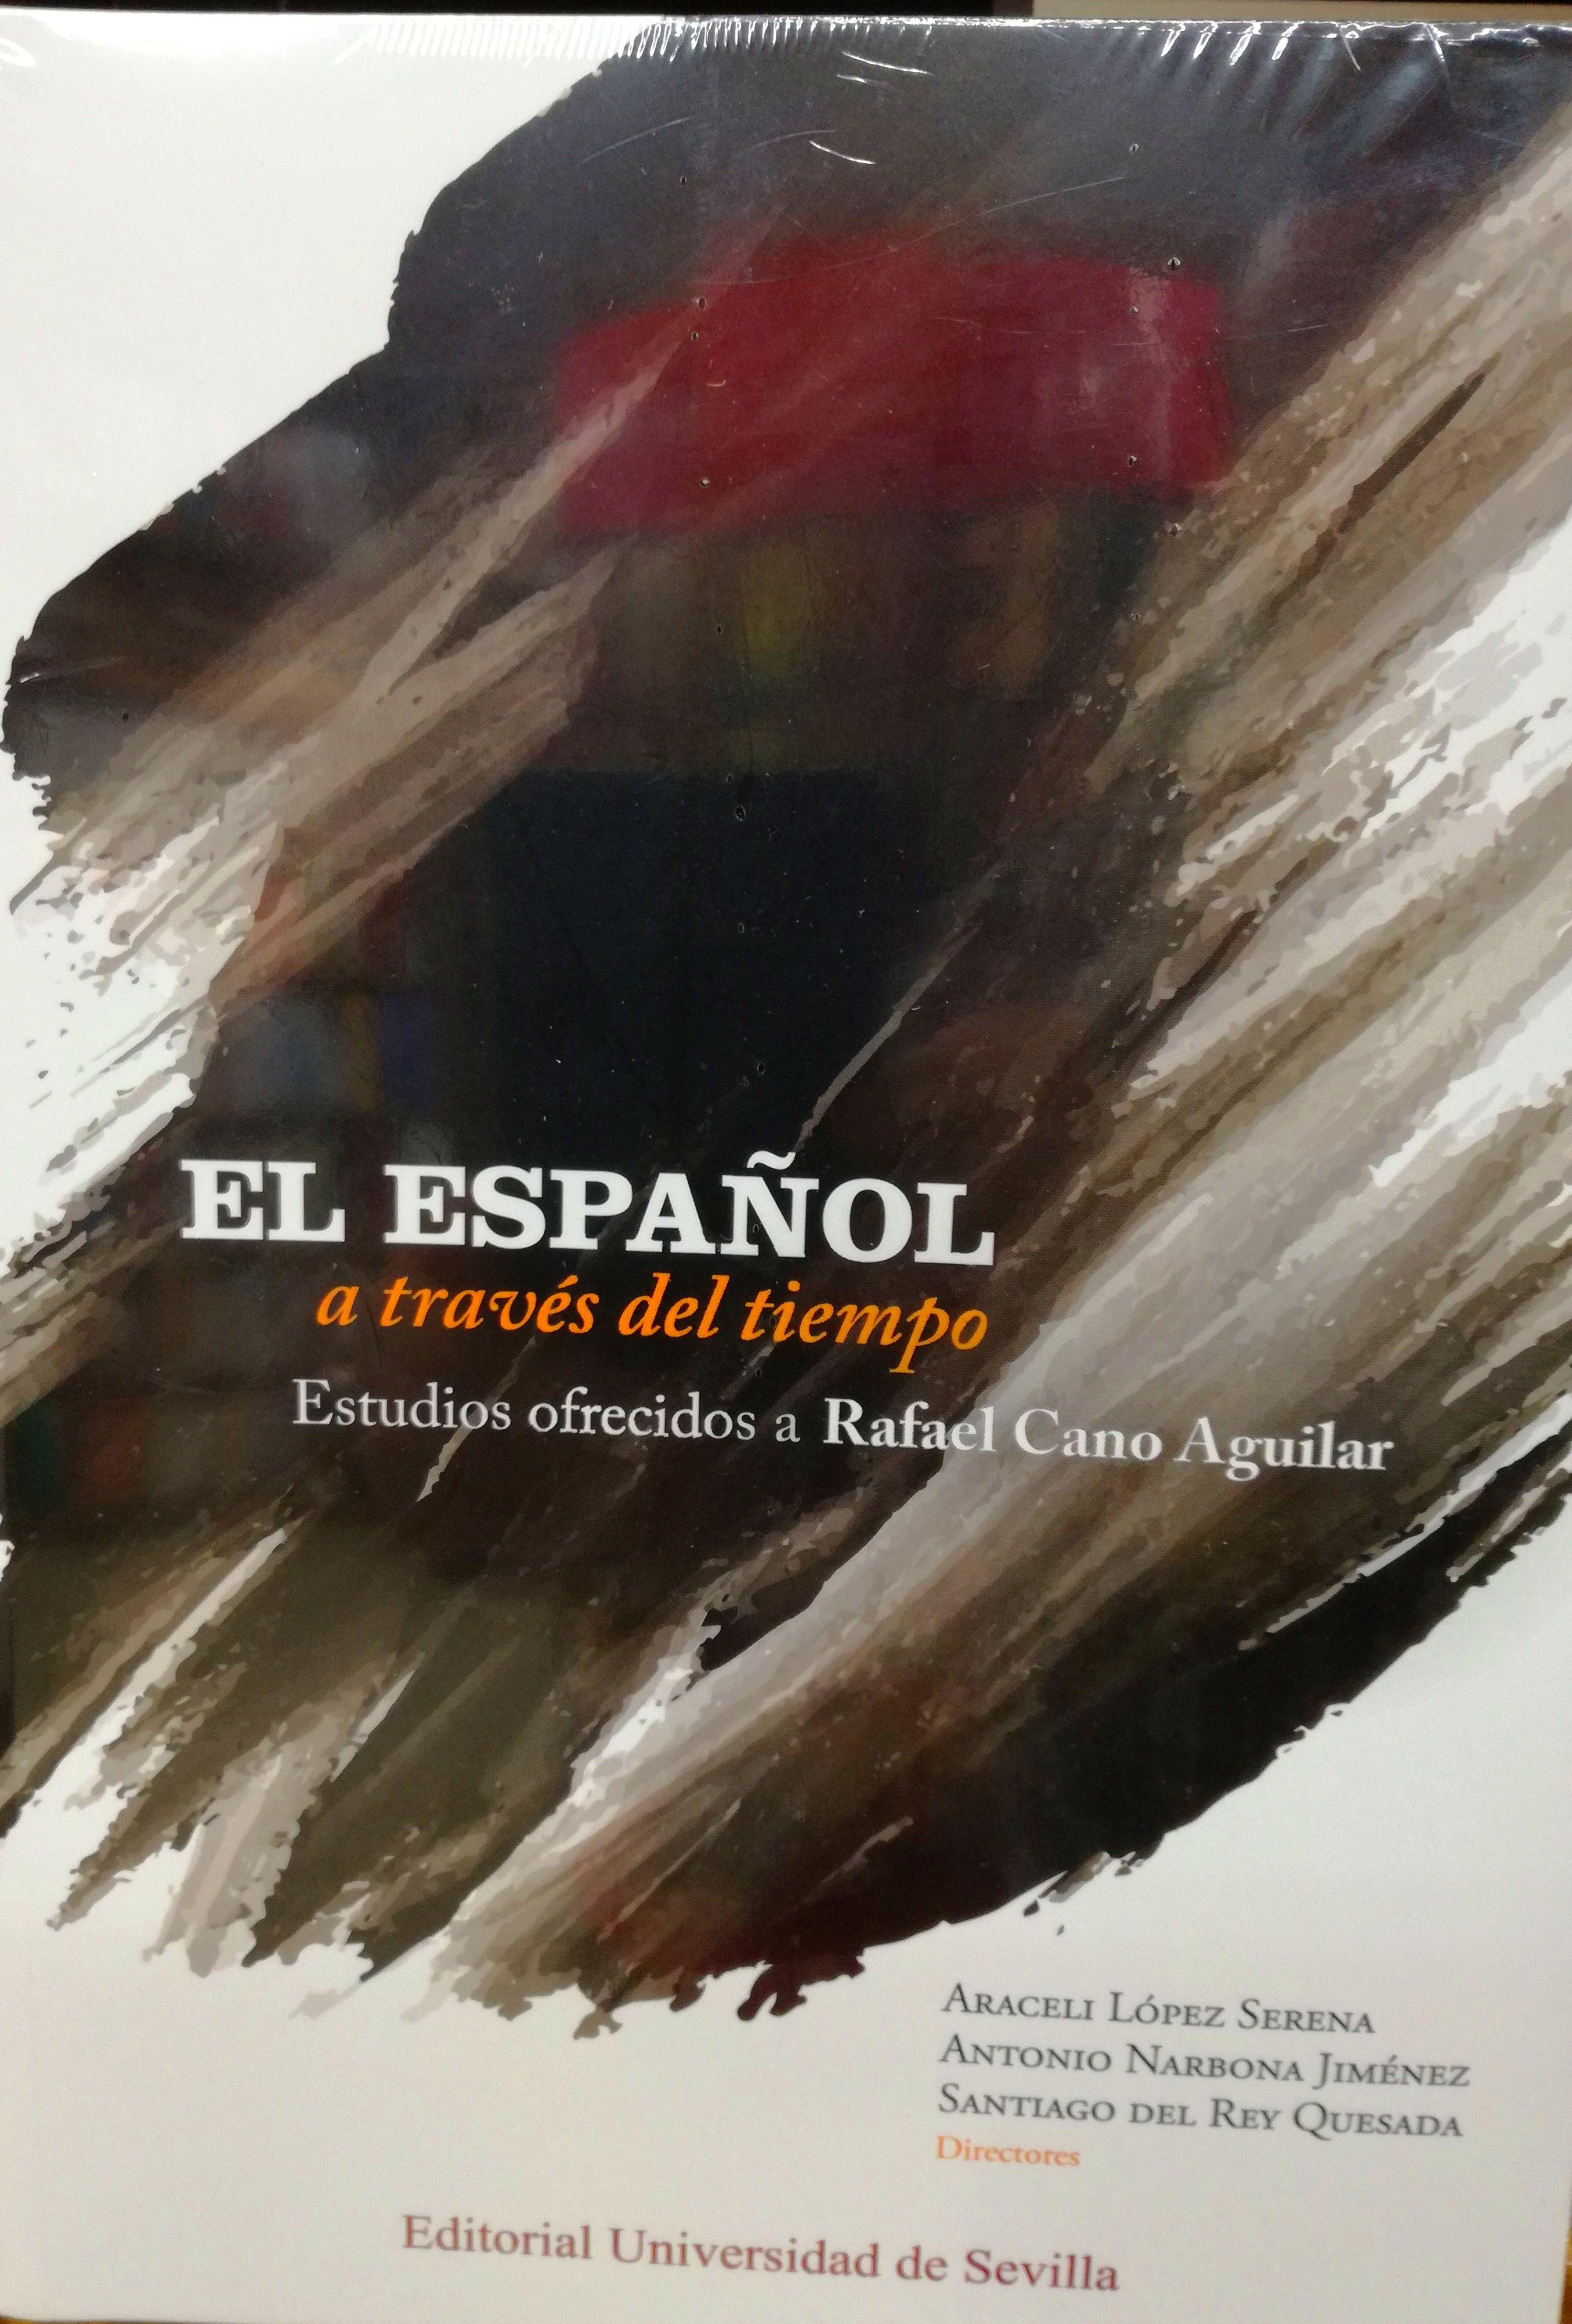 El español a través del tiempo: SECCIONES de Librería Nueva Plaza Universitaria